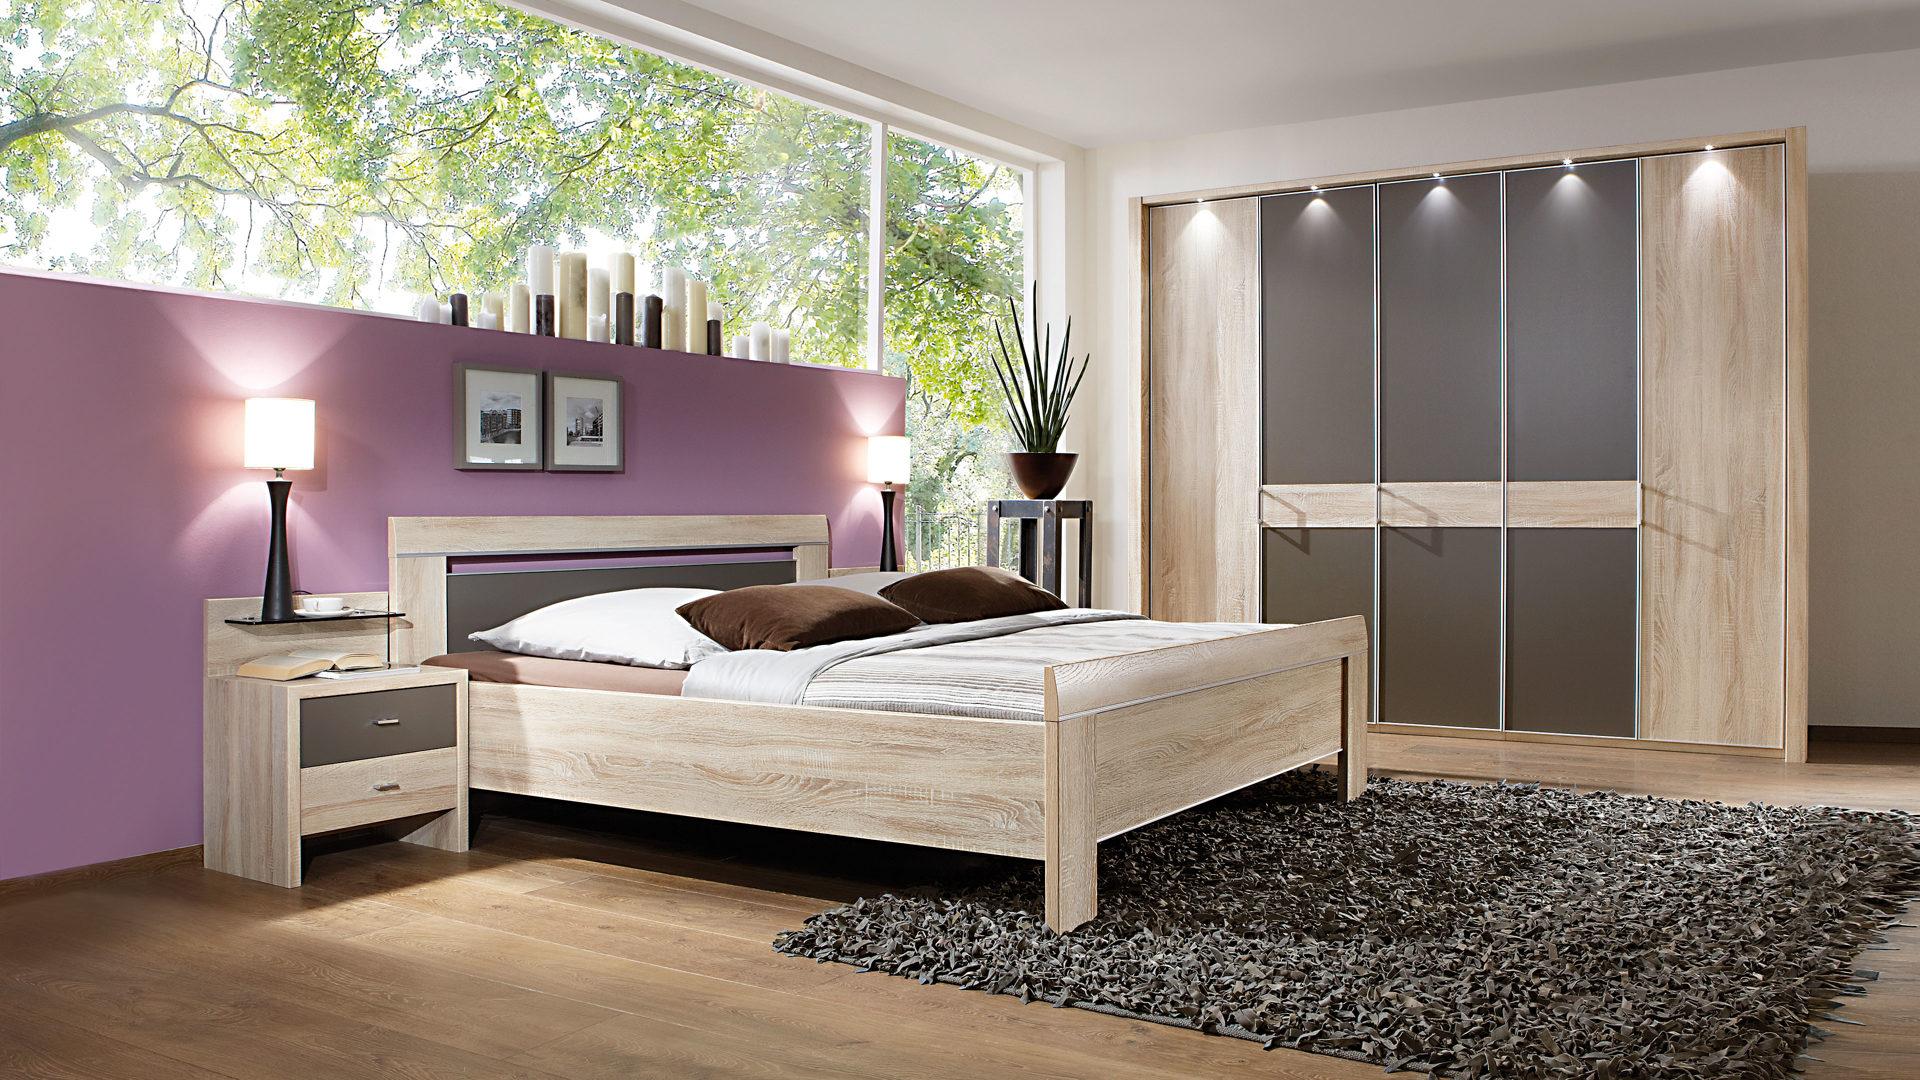 schlafzimmer hell – menerima, Schlafzimmer ideen